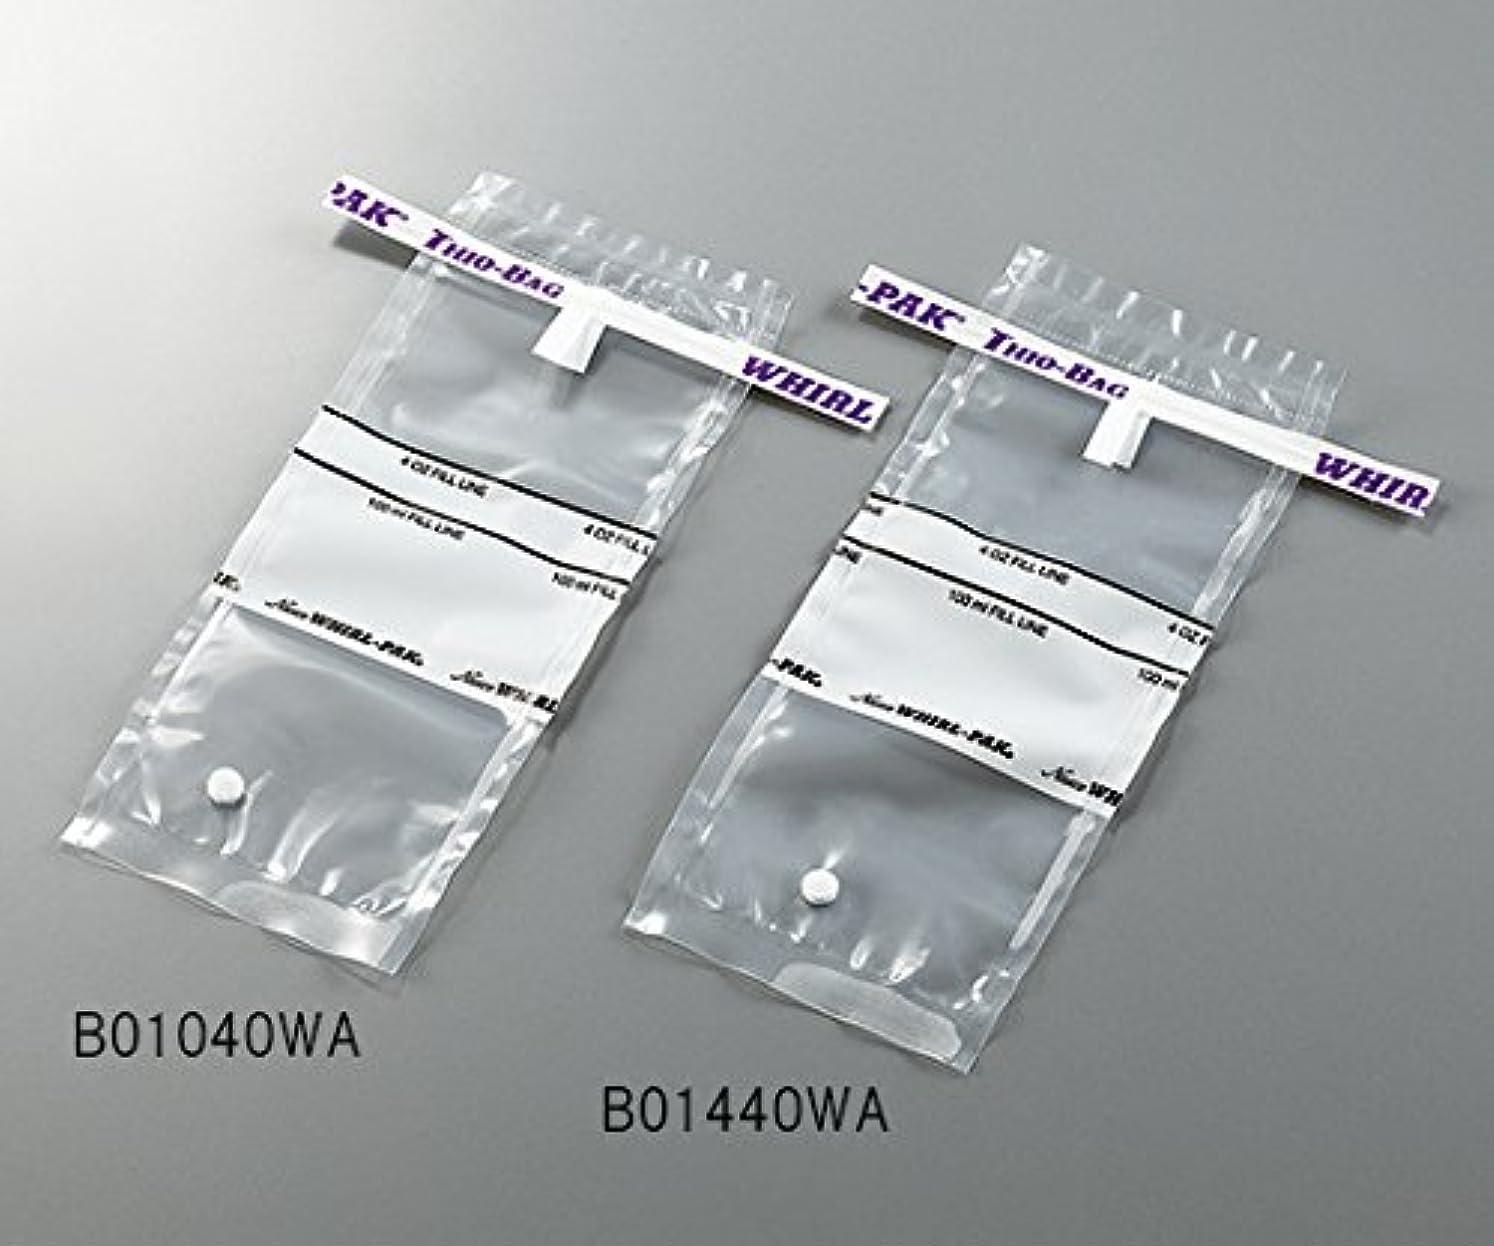 ライブ全体相手3-5414-01採水用サンプリングバッグ100mLチオ硫酸ナトリウム含有量10g